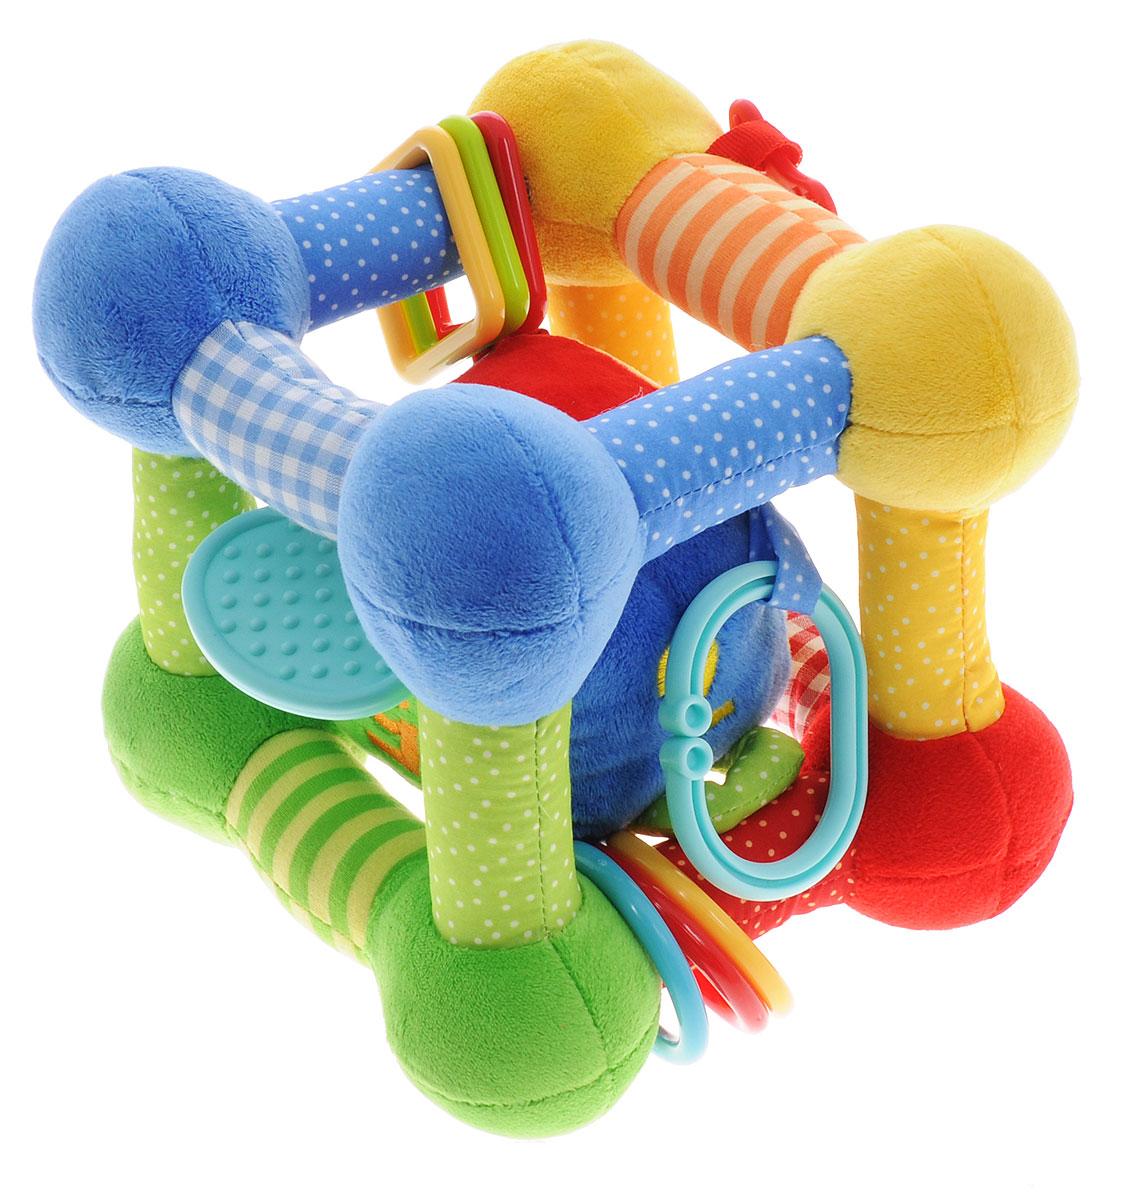 Жирафики Развивающая игрушка Куб93834Развивающая игрушка Жирафики Куб, выполненная из современных и легких материалов различных цветов и фактур, абсолютно безопасных для ребенка, непременно понравится малышу и не позволит ему скучать. Внутри куба находится другой куб меньшего размера. Игрушки изготовлены из приятного на ощупь материала с различными рисунками и игровыми элементами - это и пластиковые фигуры разных форм, пищалки, вышитые цифры, погремушка и прорезыватель. Игра с кубиком поможет малышу развить тактильное, звуковое и цветовое восприятия, координацию движений и мелкую моторику рук с самого рождения.